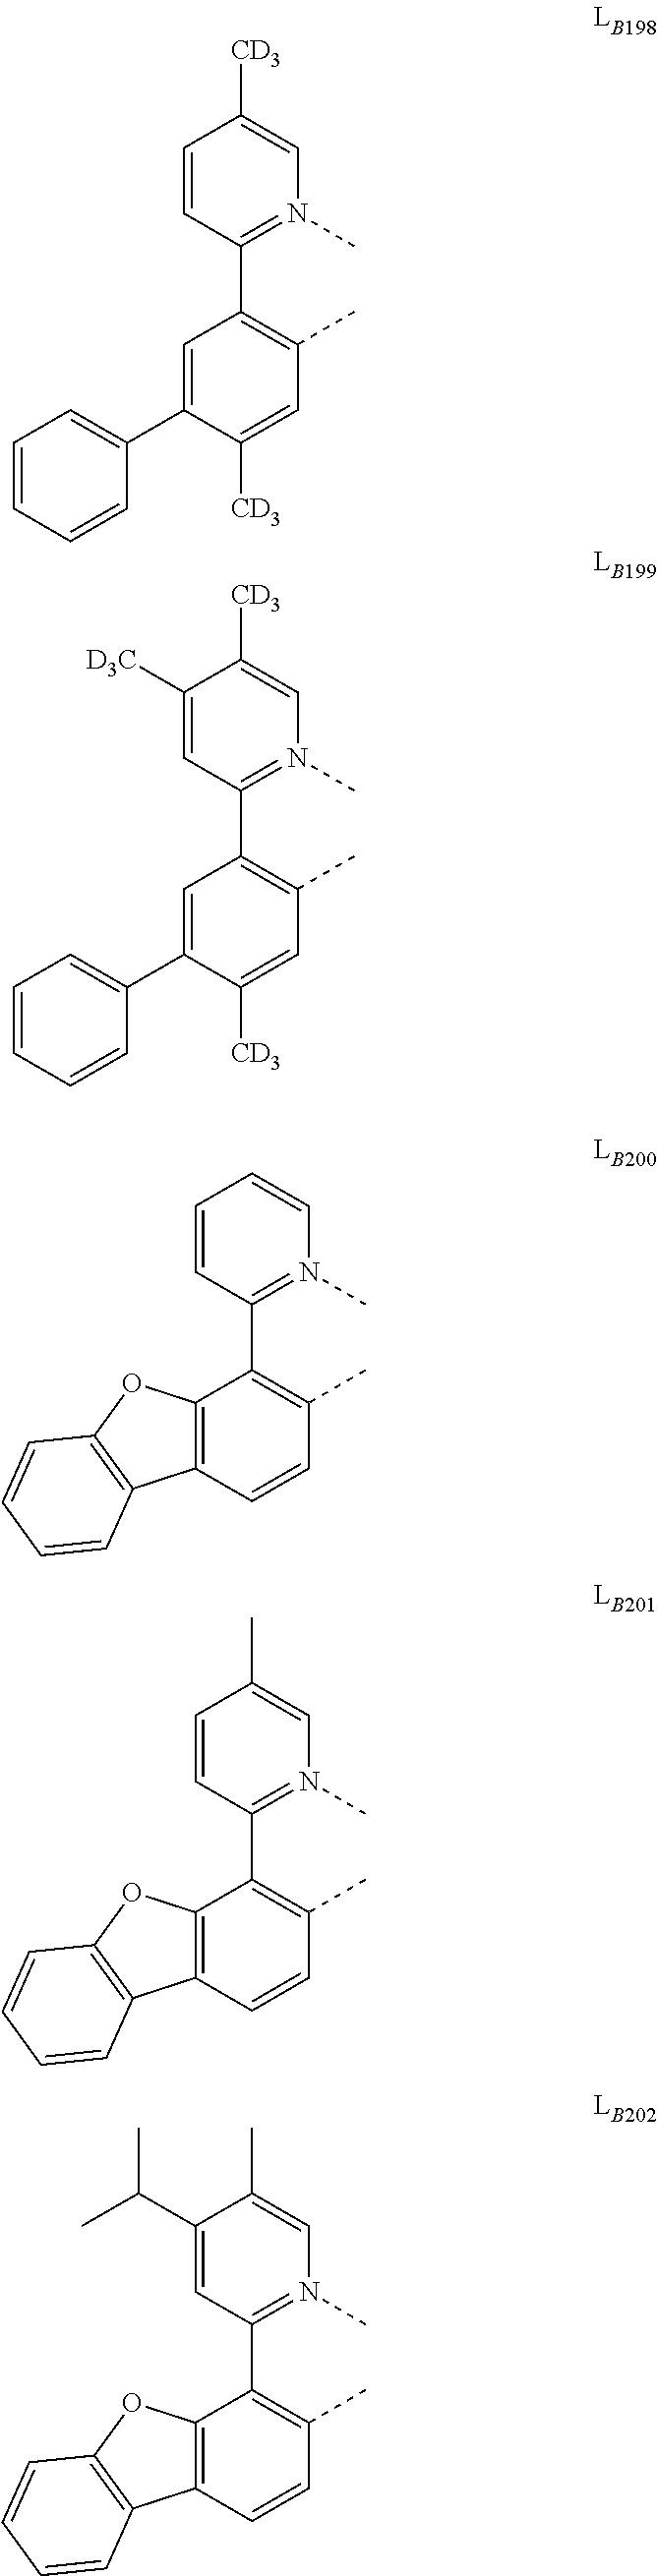 Figure US20180130962A1-20180510-C00106